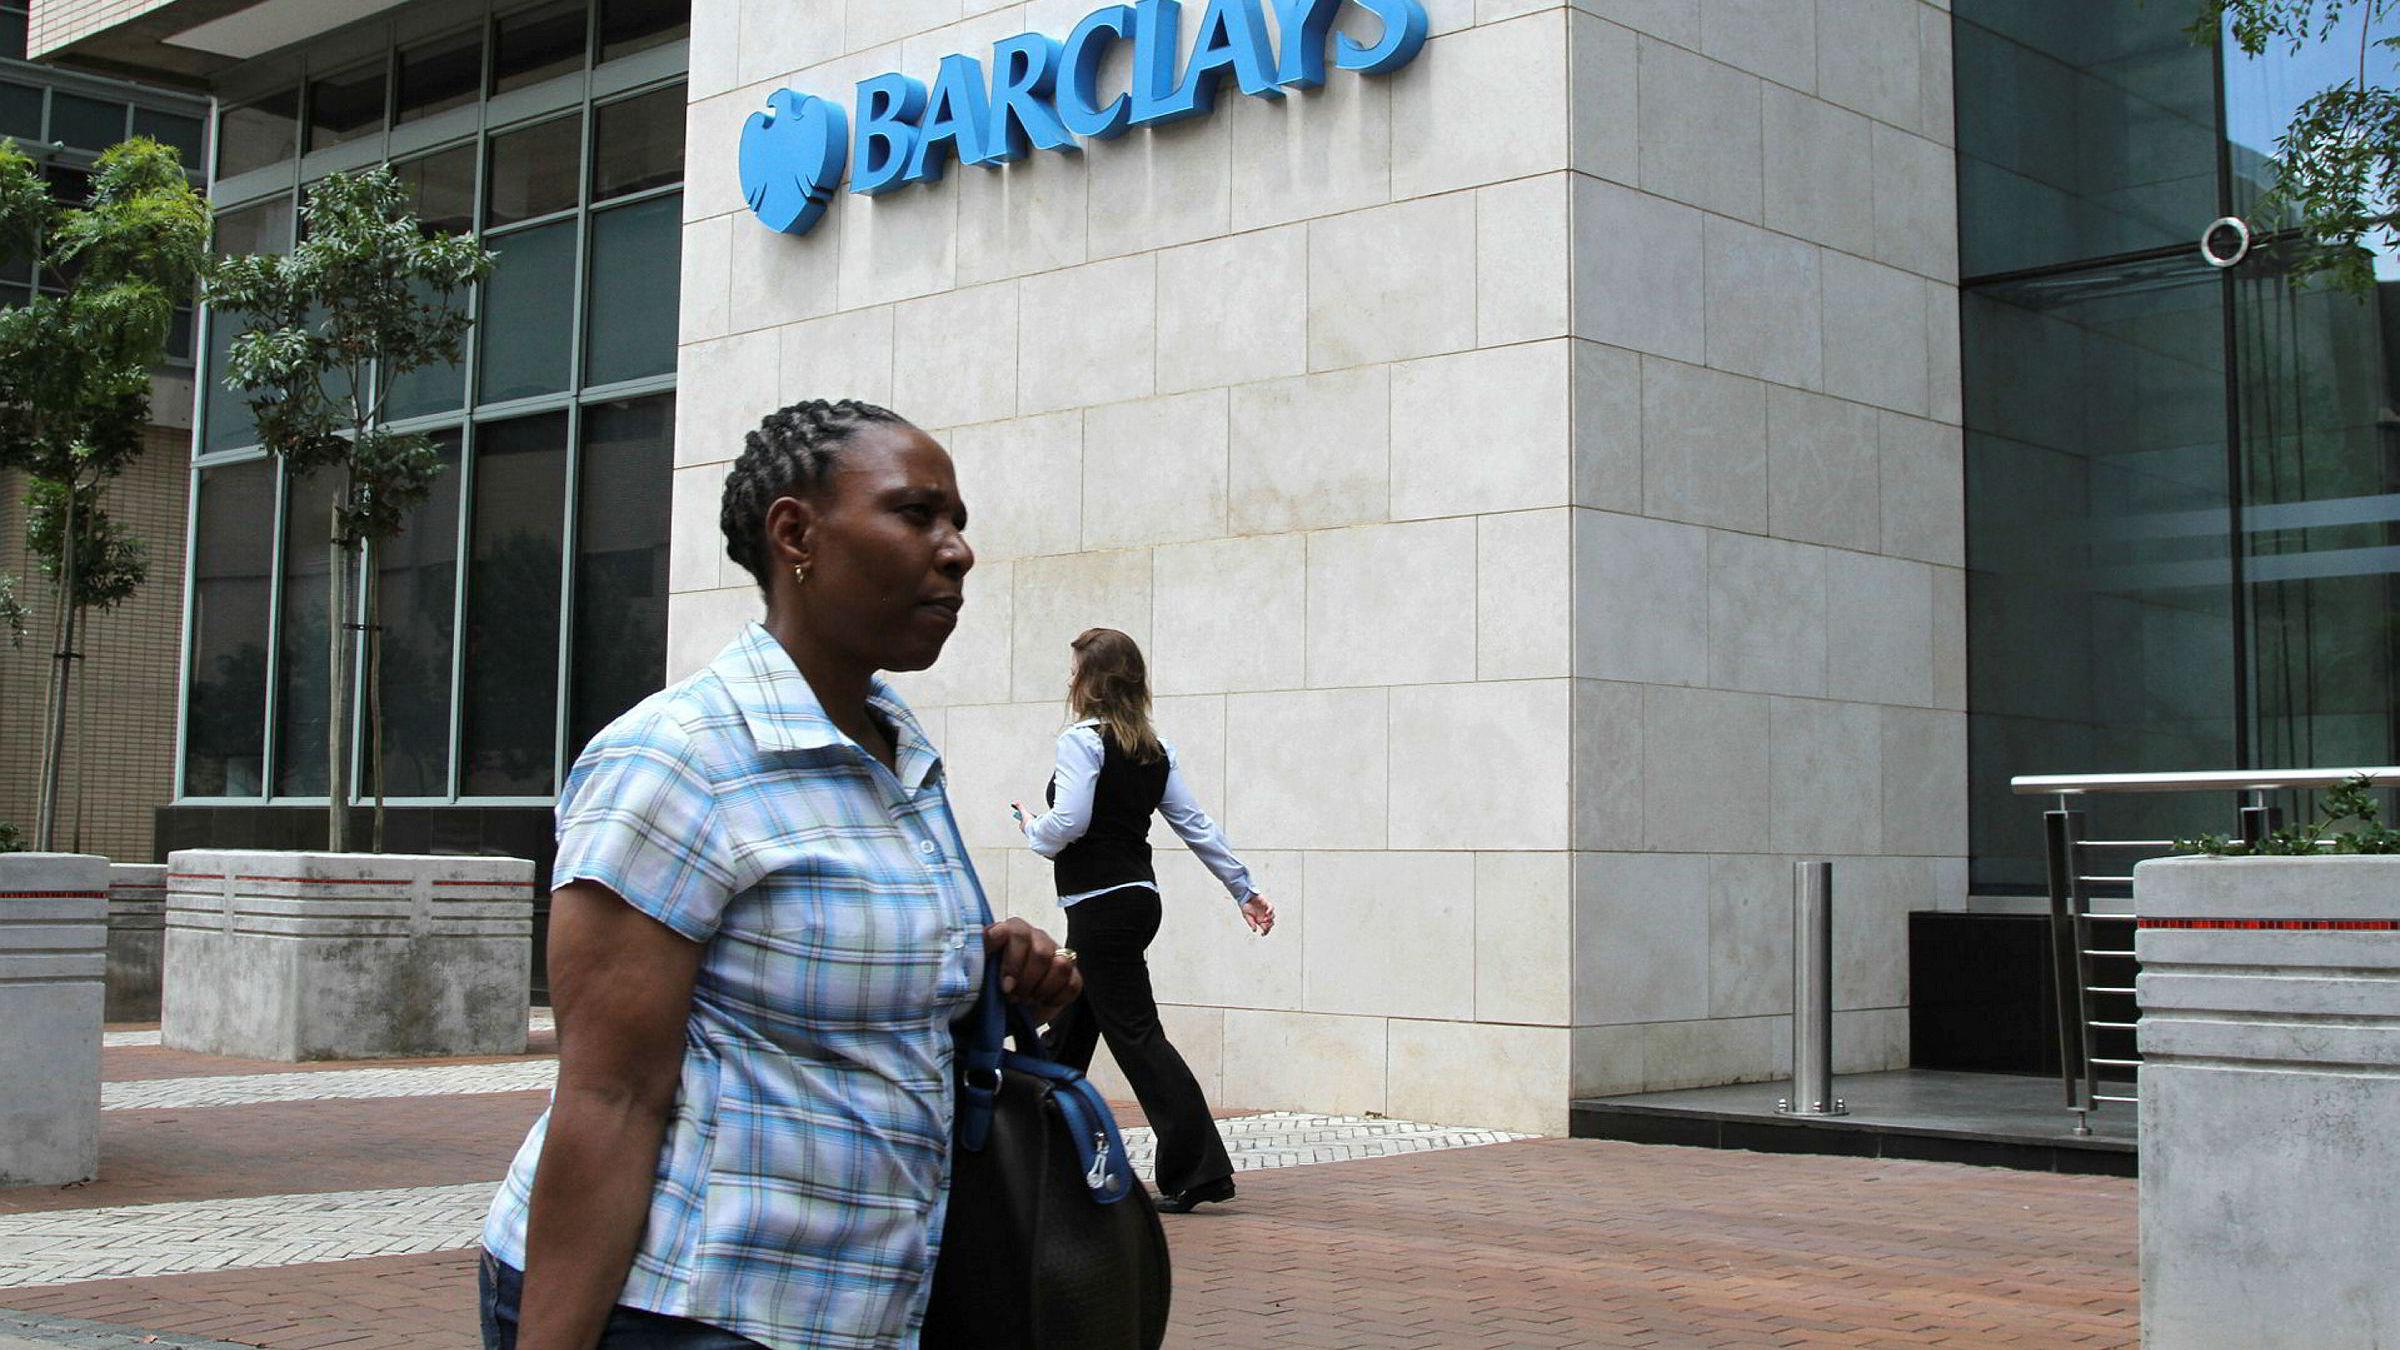 Vestlige banker forlater fattige land, ikke minst i Afrika. Barclays Bank vedtok for eksempel nylig å selge sine banker i Afrika etter å ha vært aktiv der i 100 år. Her fra Johannesburg i Sør-Afrika.